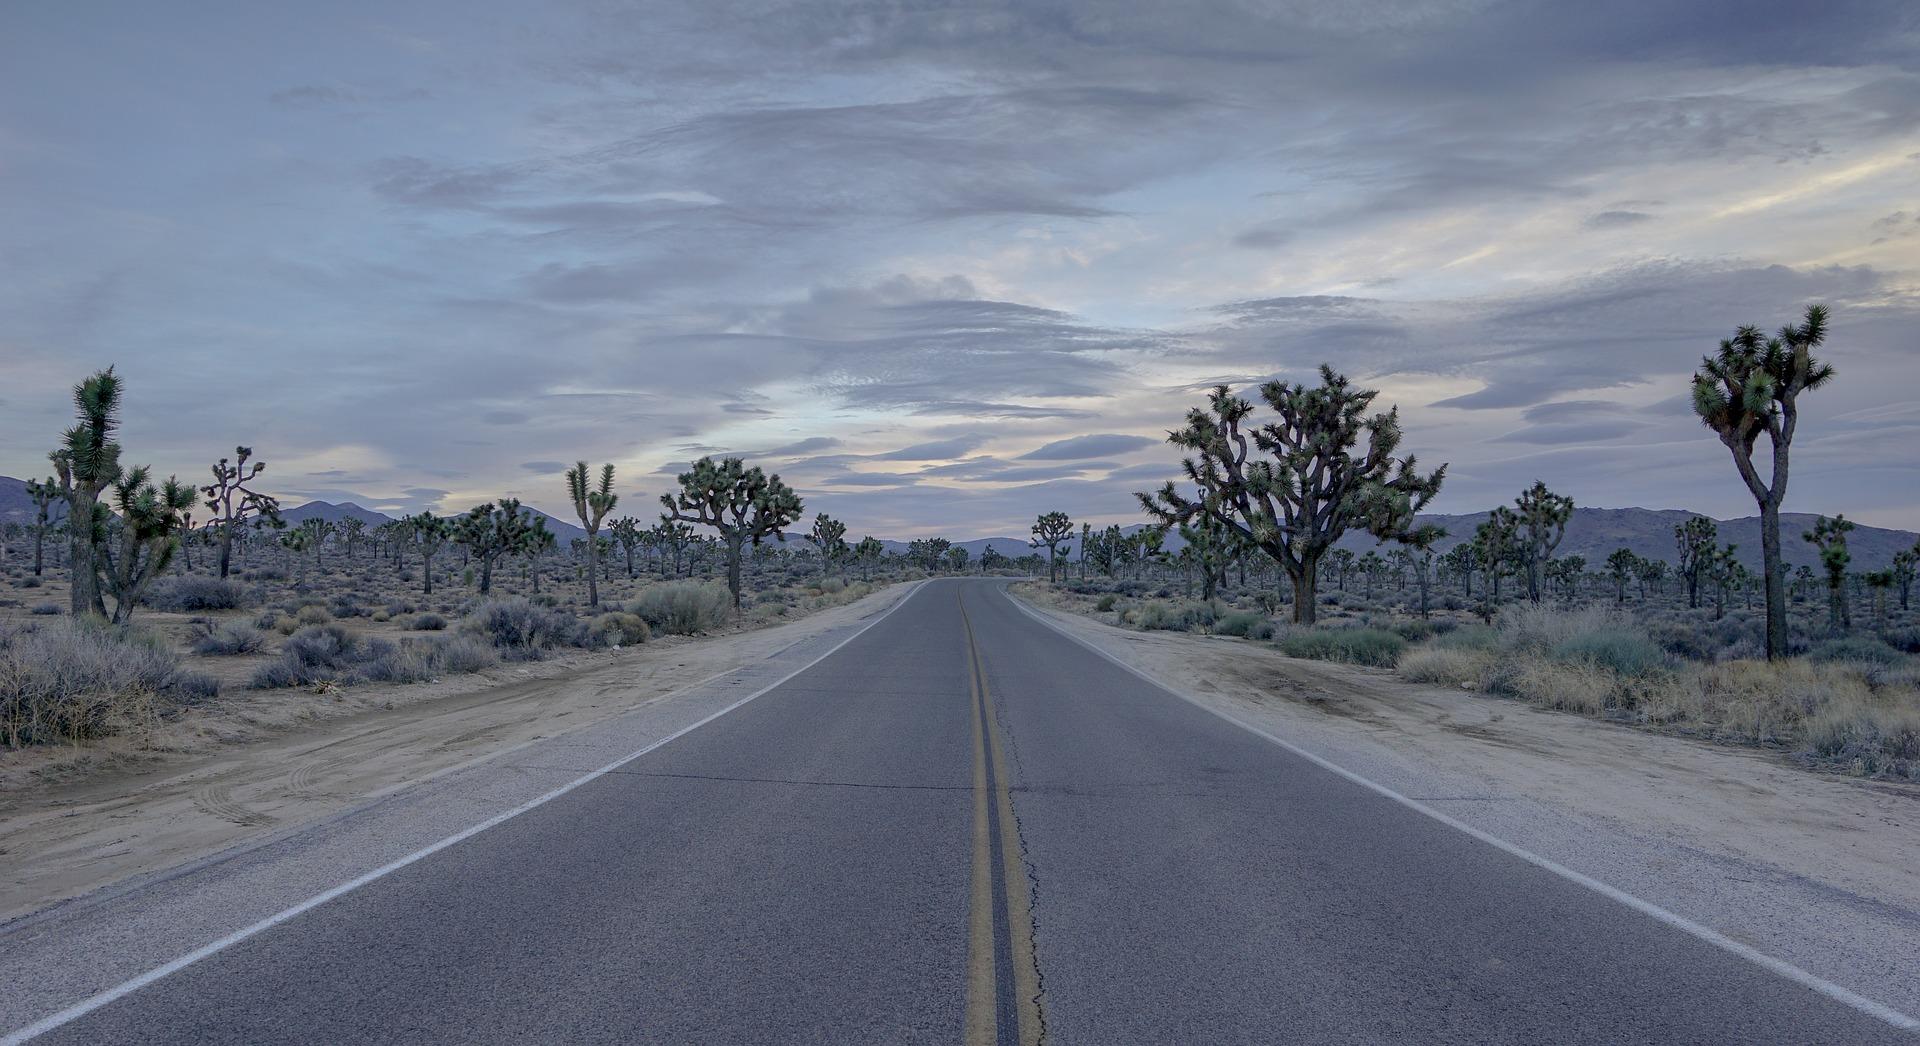 road-2068900_1920.jpg